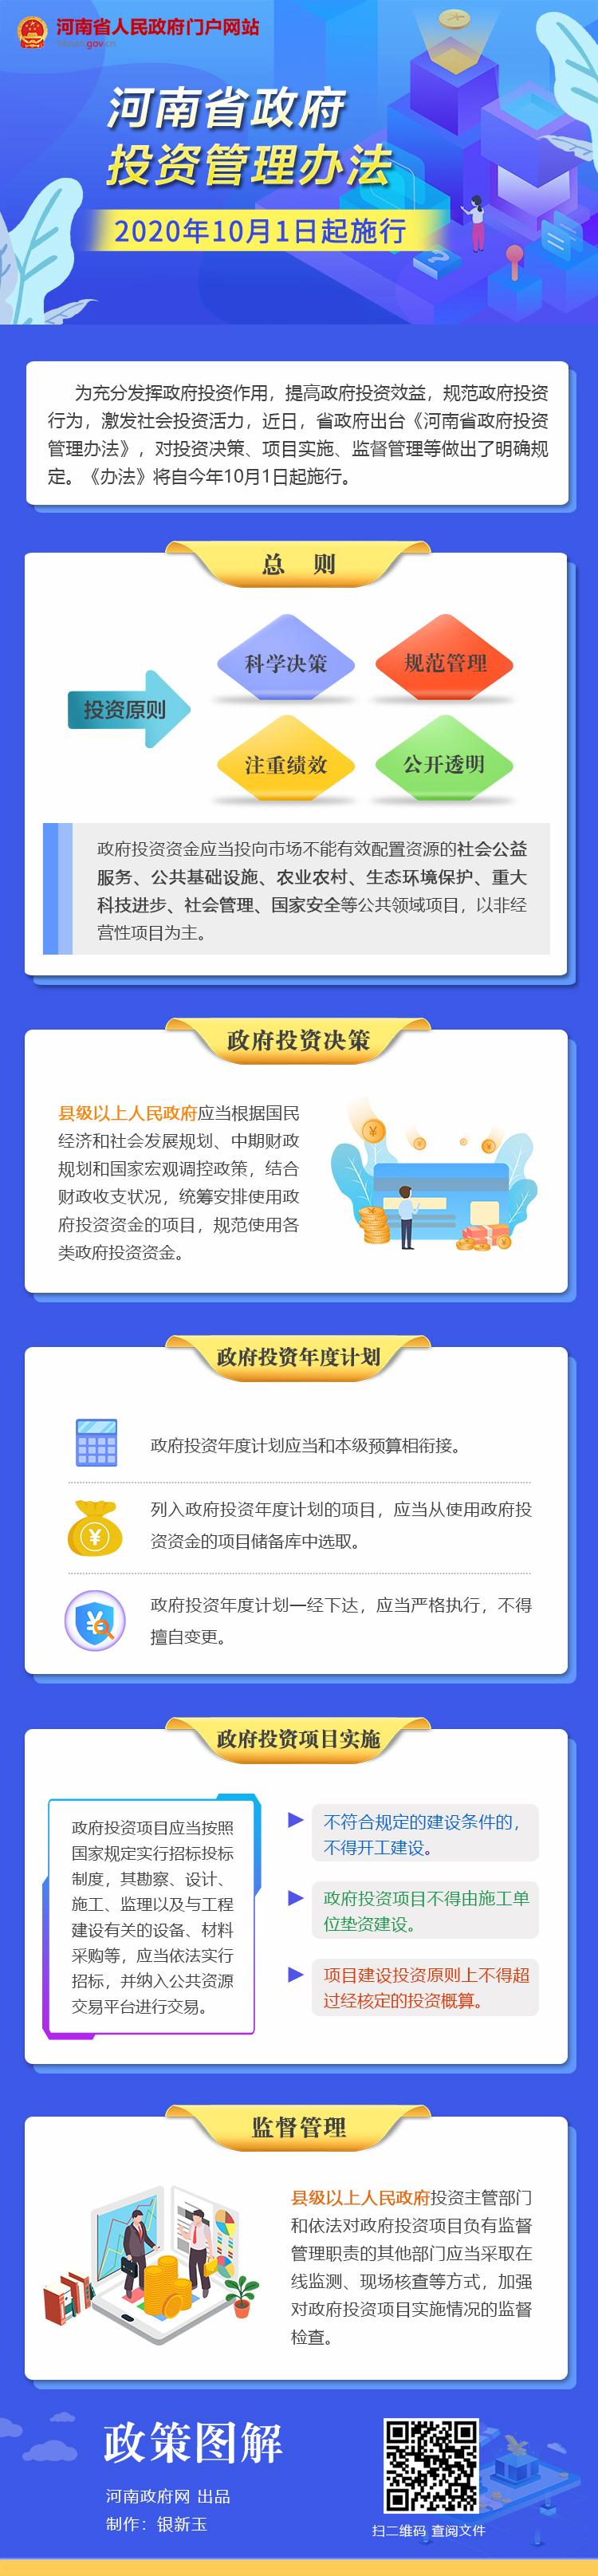 图解:《河南省政府投资管理办法》10月1日起施行